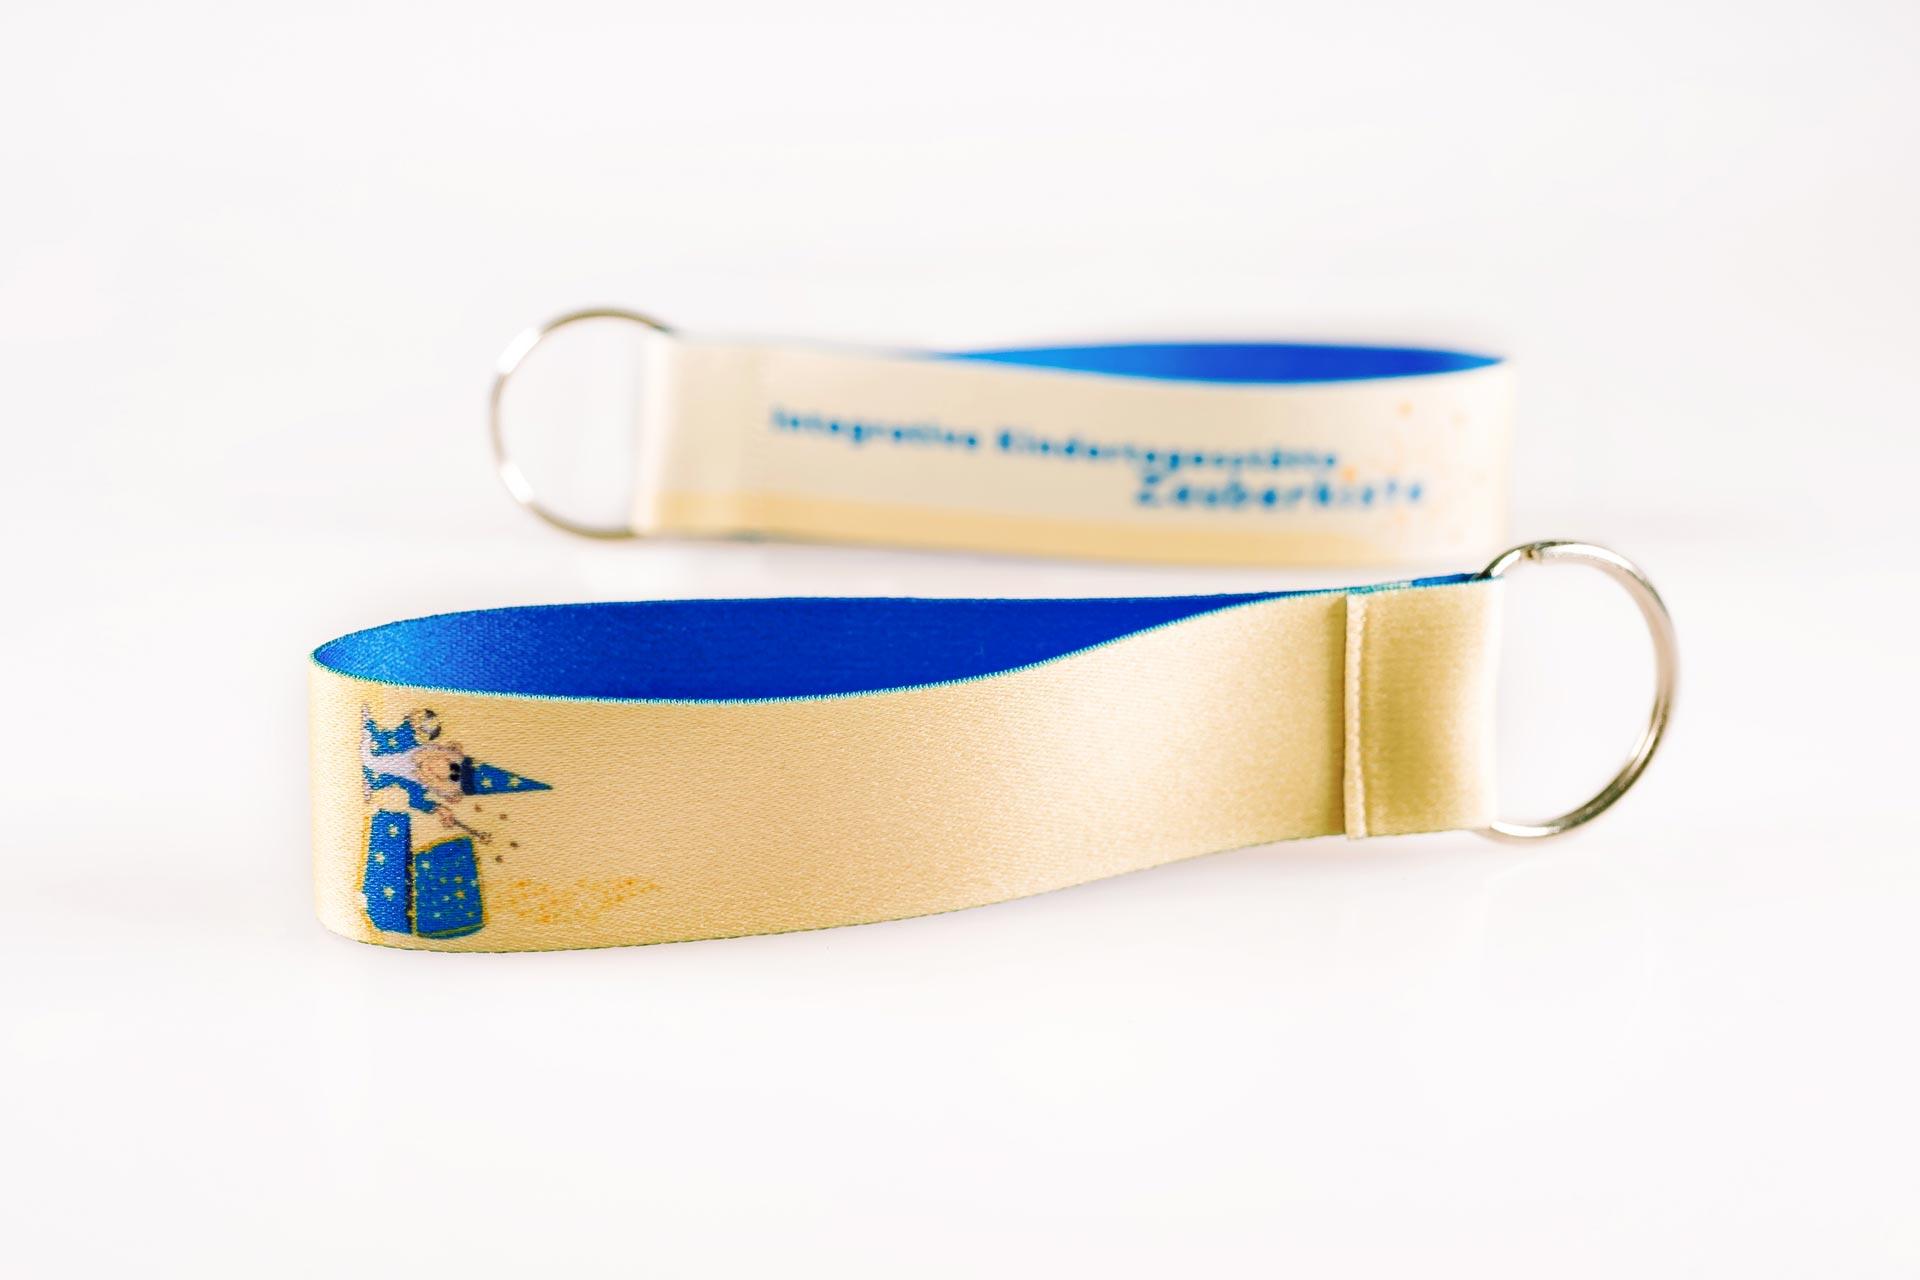 Schluesselanhaenger Bedrucken Logo Filz Alternative Shortstrap Guenstig Kaufen 25mm Buntdruck Satinband